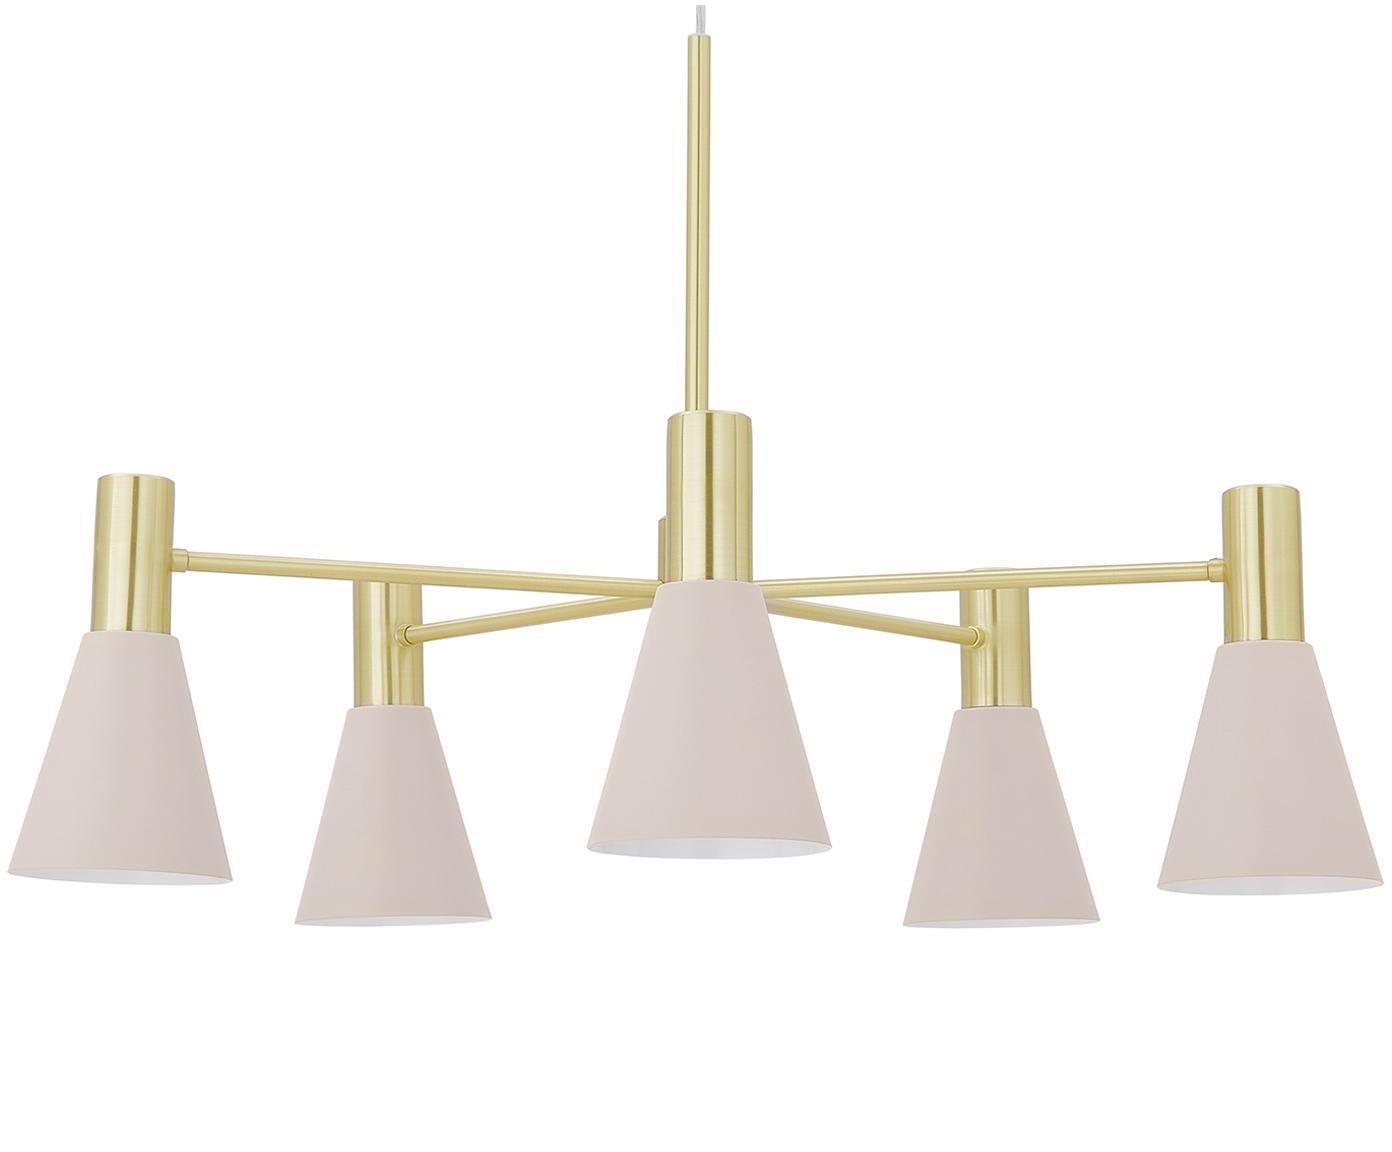 Pendelleuchte Sia, Lampenschirme:Rosa, mattBaldachin und Lampengestell:Messing, gebürstet, Ø 75 cm